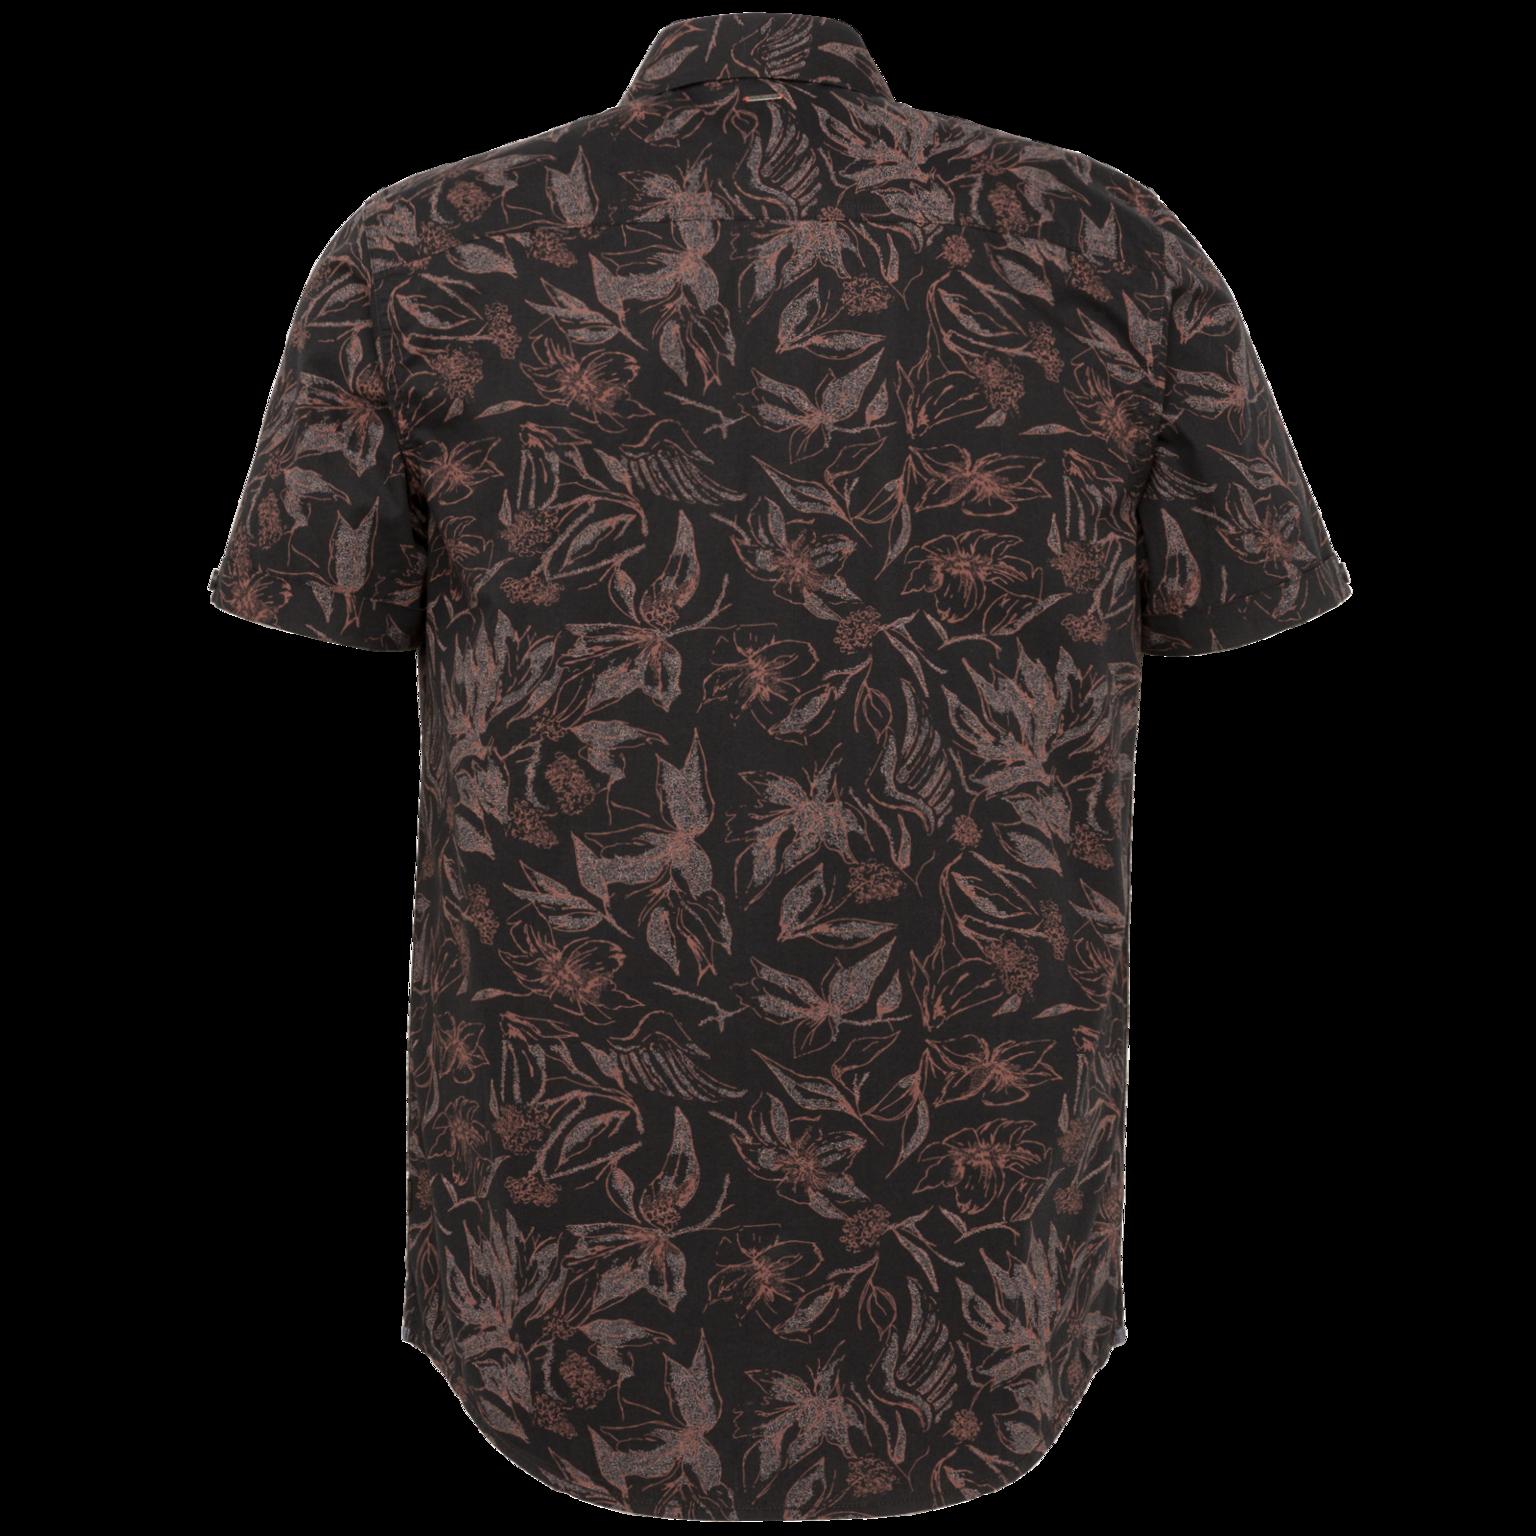 PME chemise manches courtes motif-2